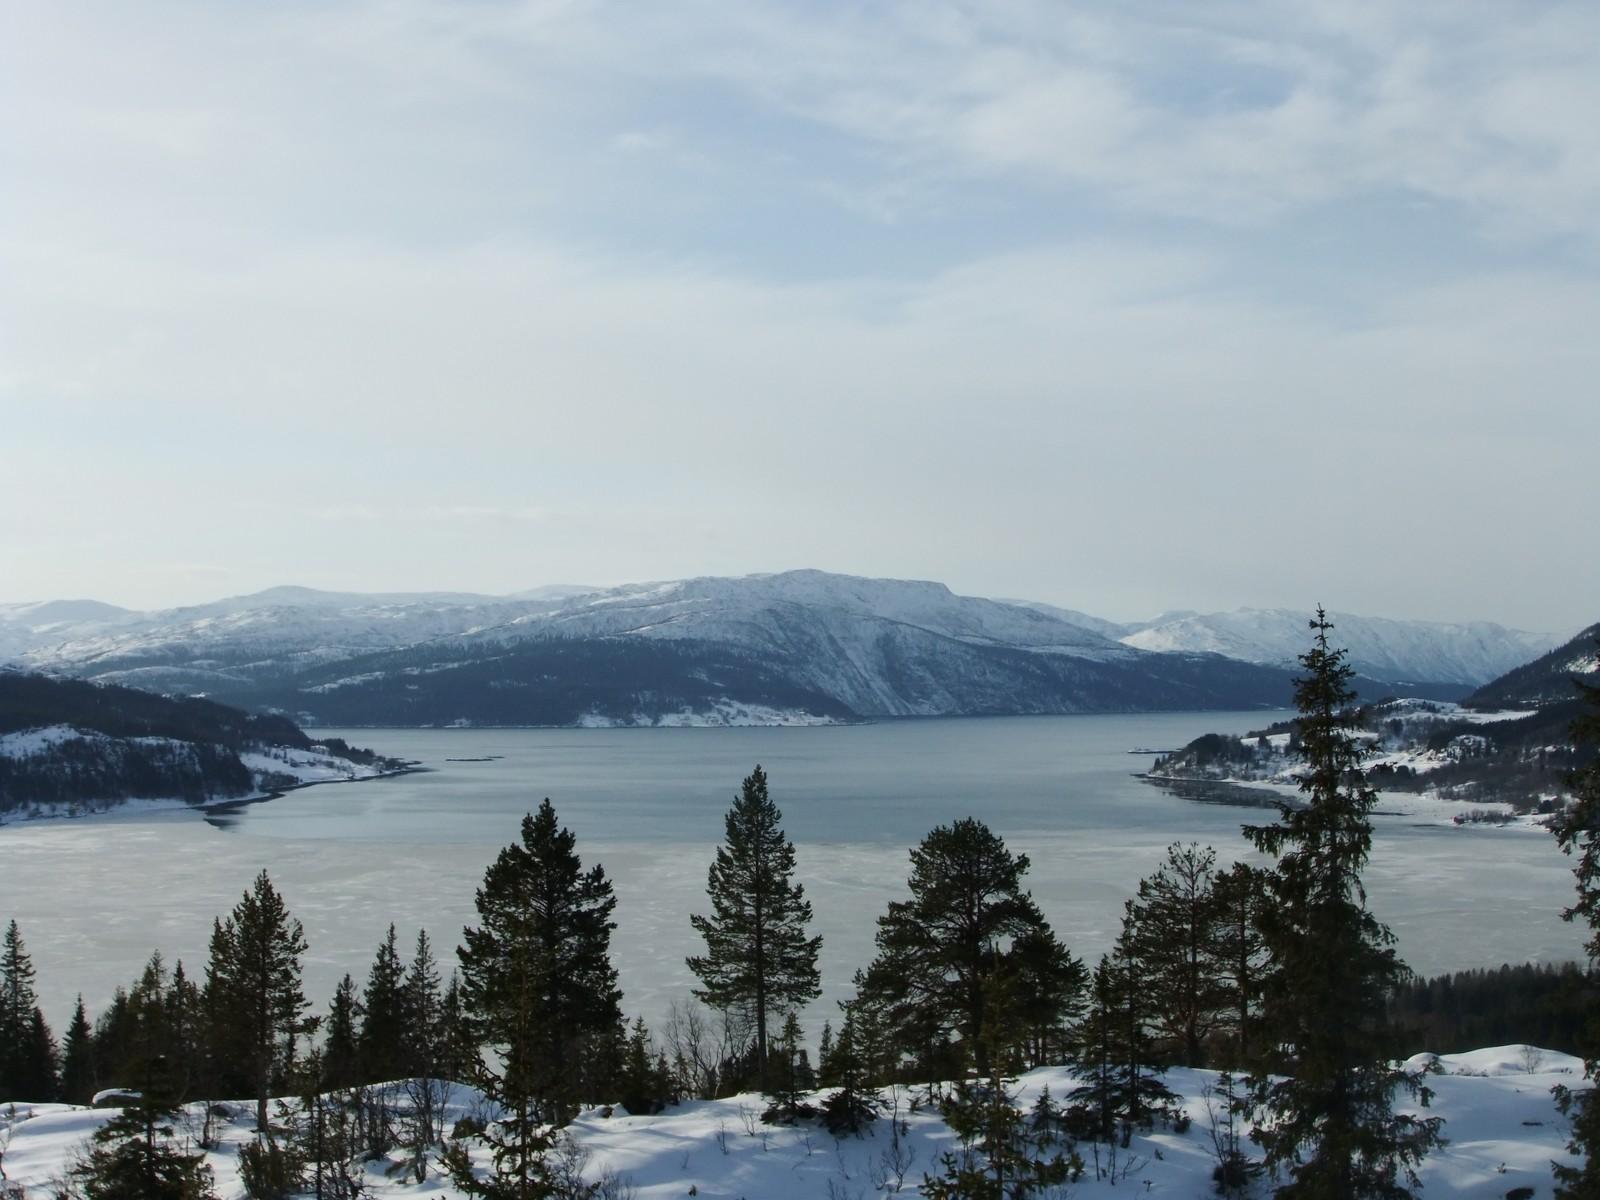 Fotografen av dette bilder melder om fint vær og fint skiføre i Utskarpen.